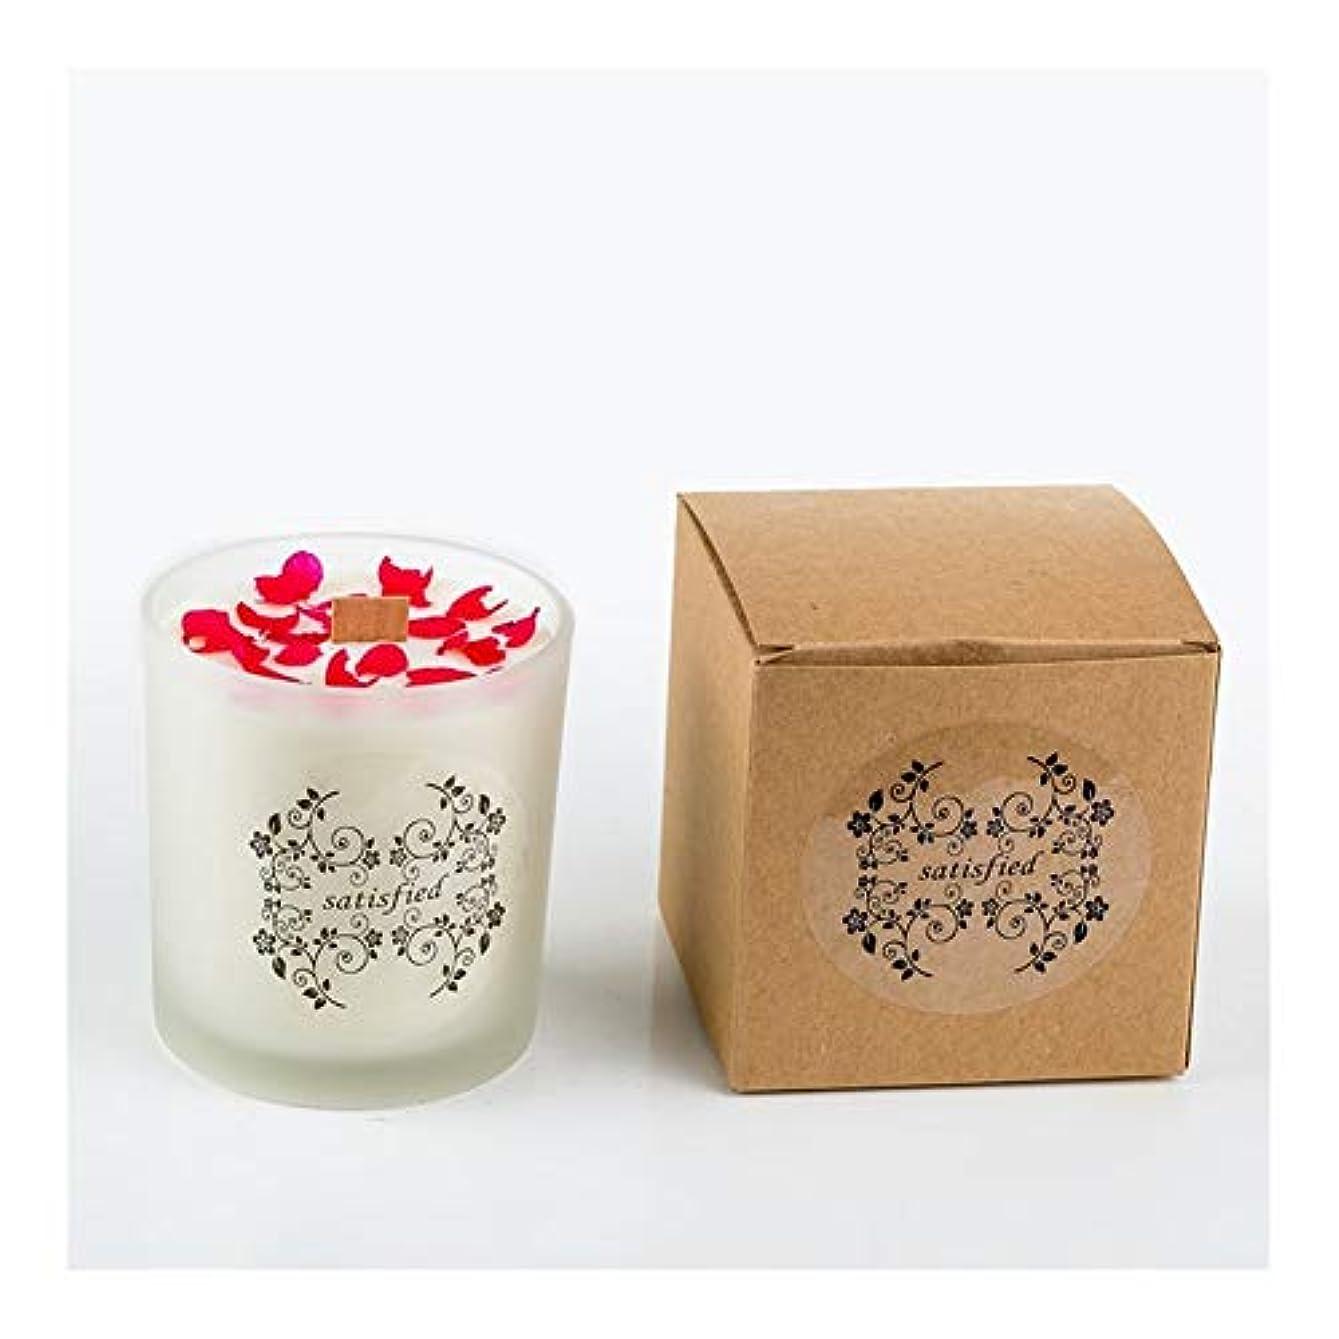 機関車チーターカウントアップZtian ロマンチックな香りのキャンドルエッセンシャルオイル大豆ワックスガラスアロマセラピーロマンチックな誕生日ギフトの提案無煙の香り (色 : Xiang Xuelan)